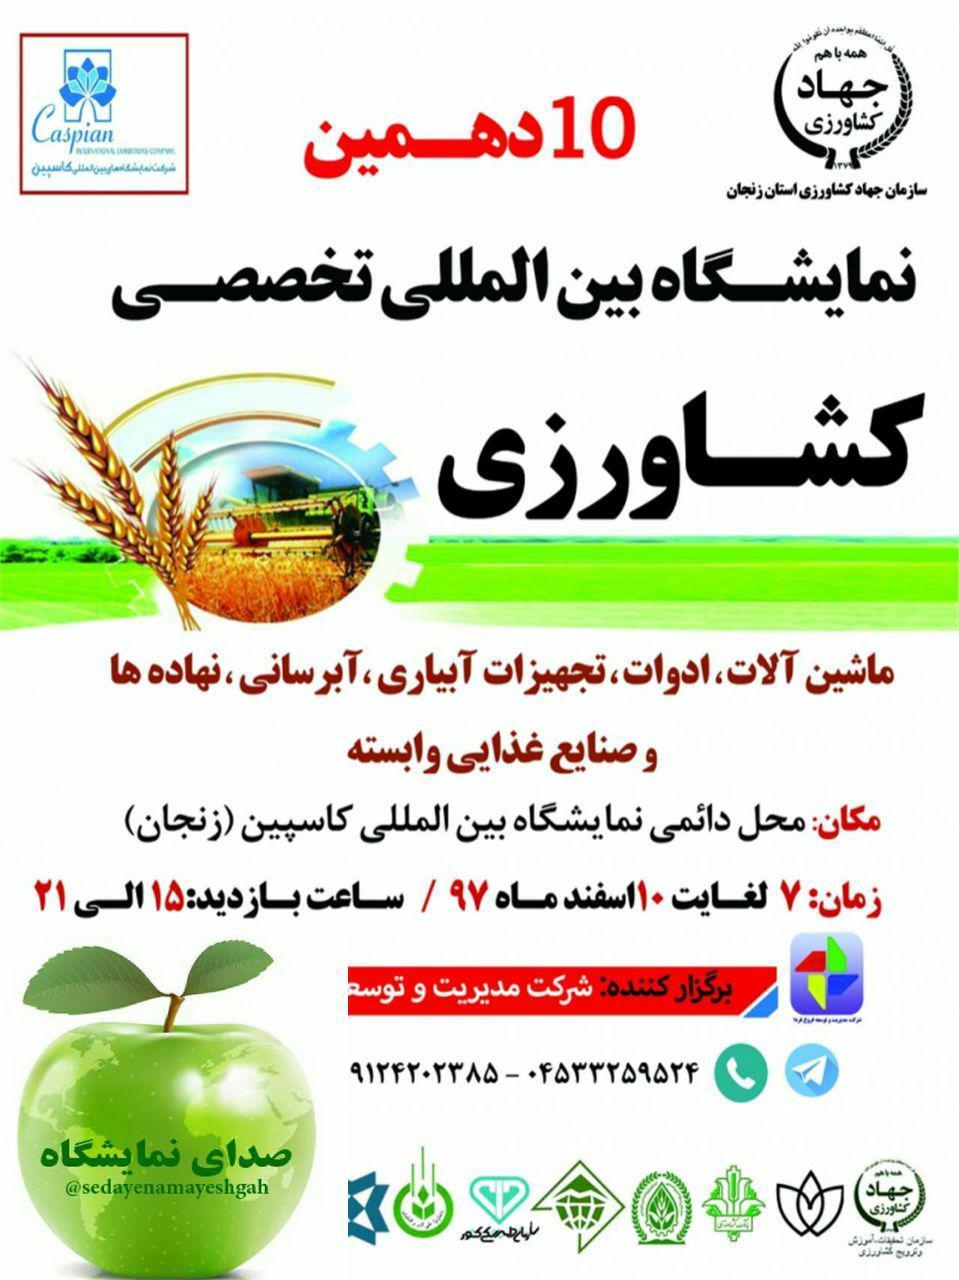 غرفه سازی در دهمین نمایشگاه تخصصی کشاورزی